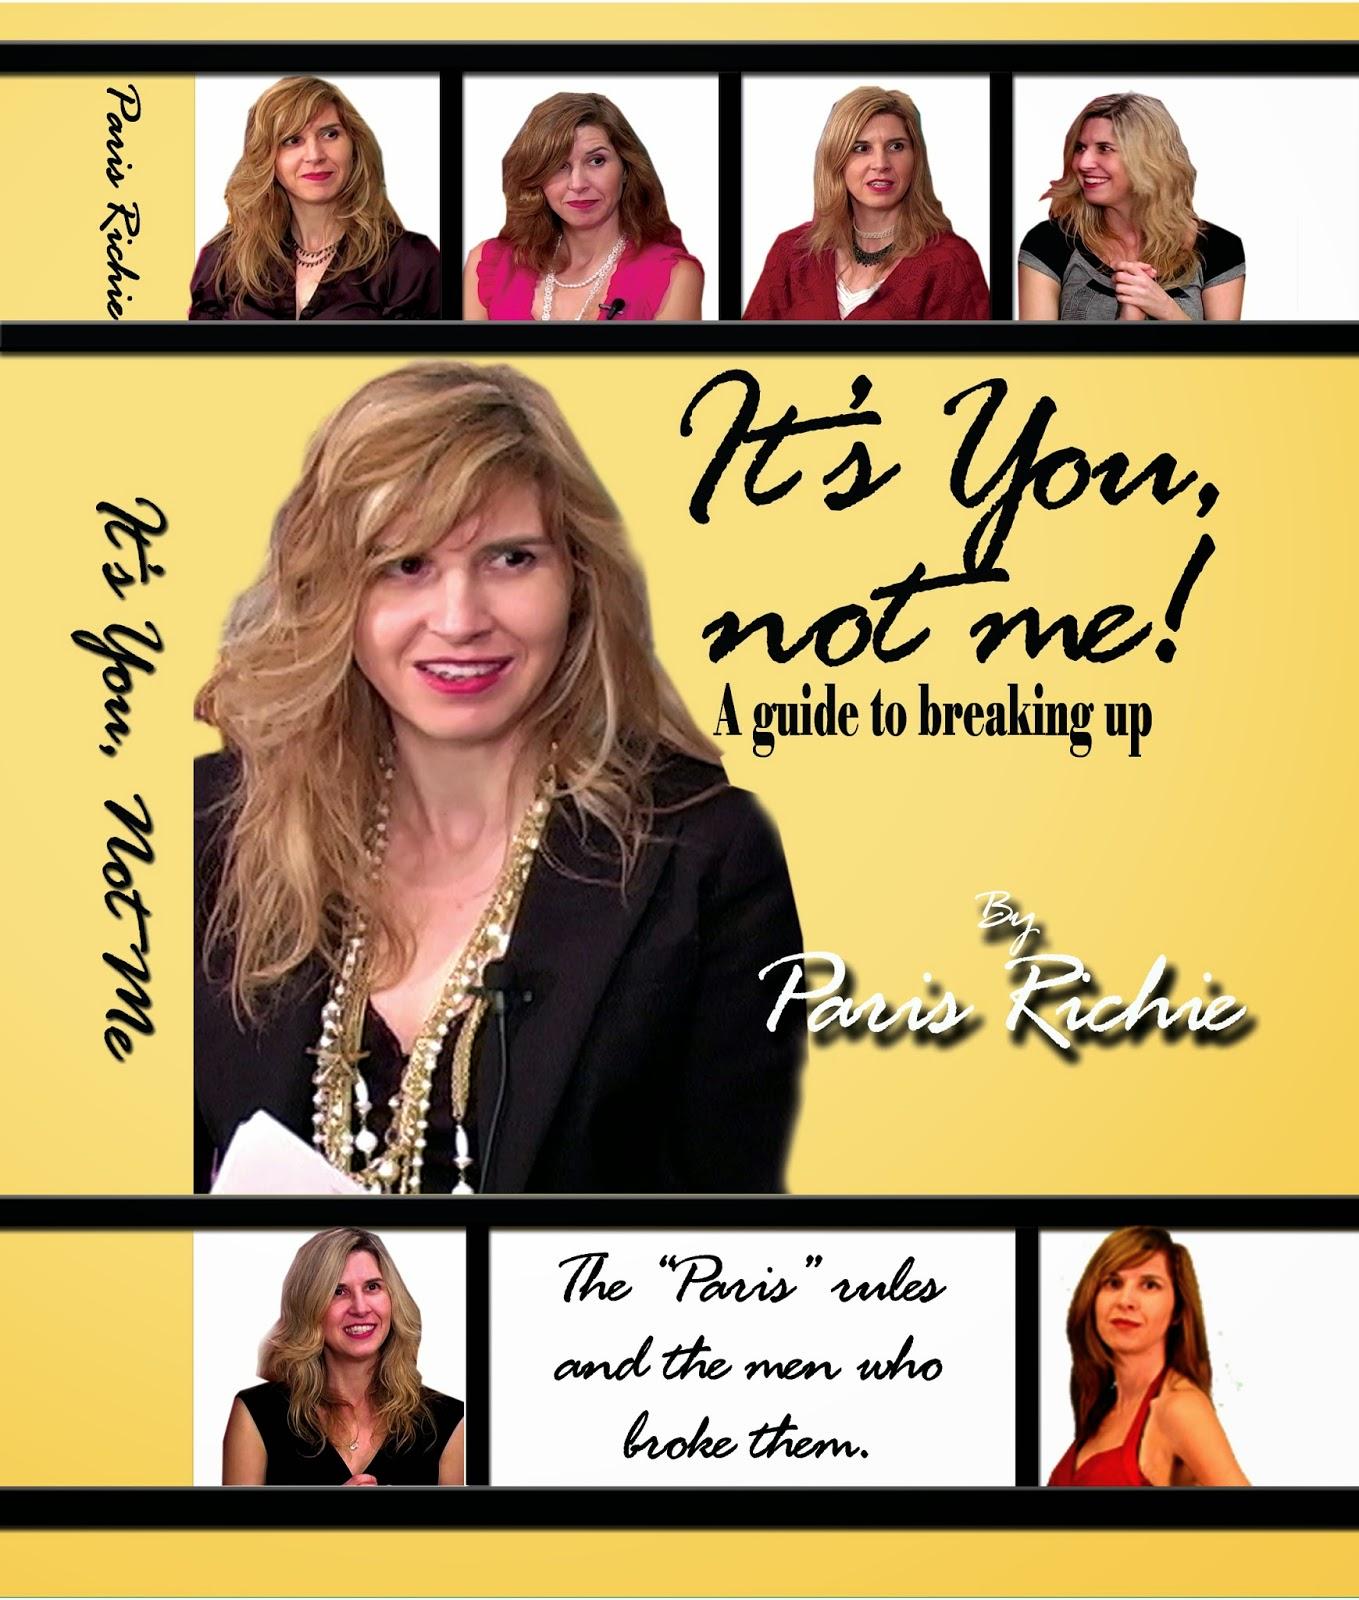 A self help book Paris Richie style!